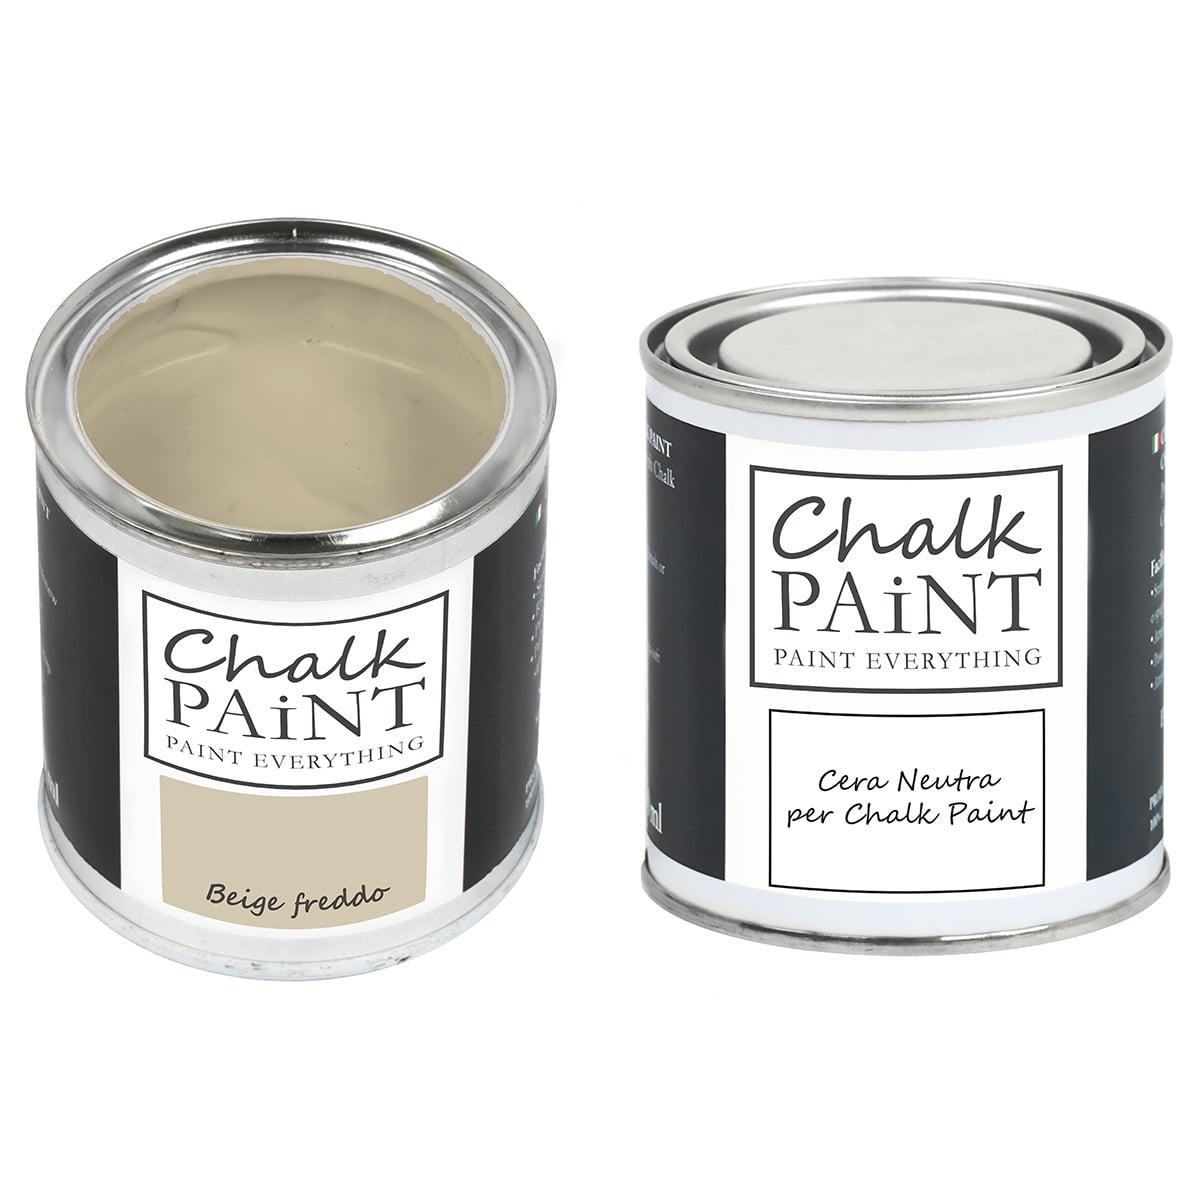 Beige freddo Chalk paint e cera in offerta decora facile con paint magic